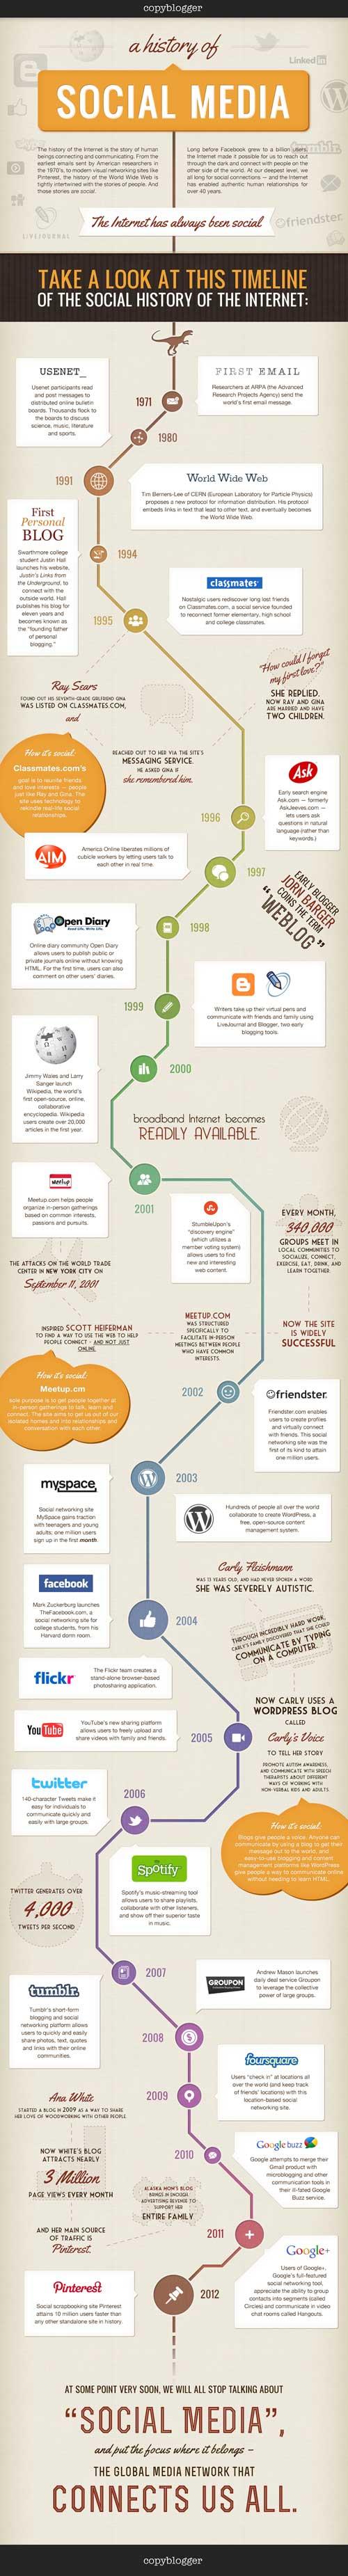 historia de los medios o redes sociales (infografía gigante)